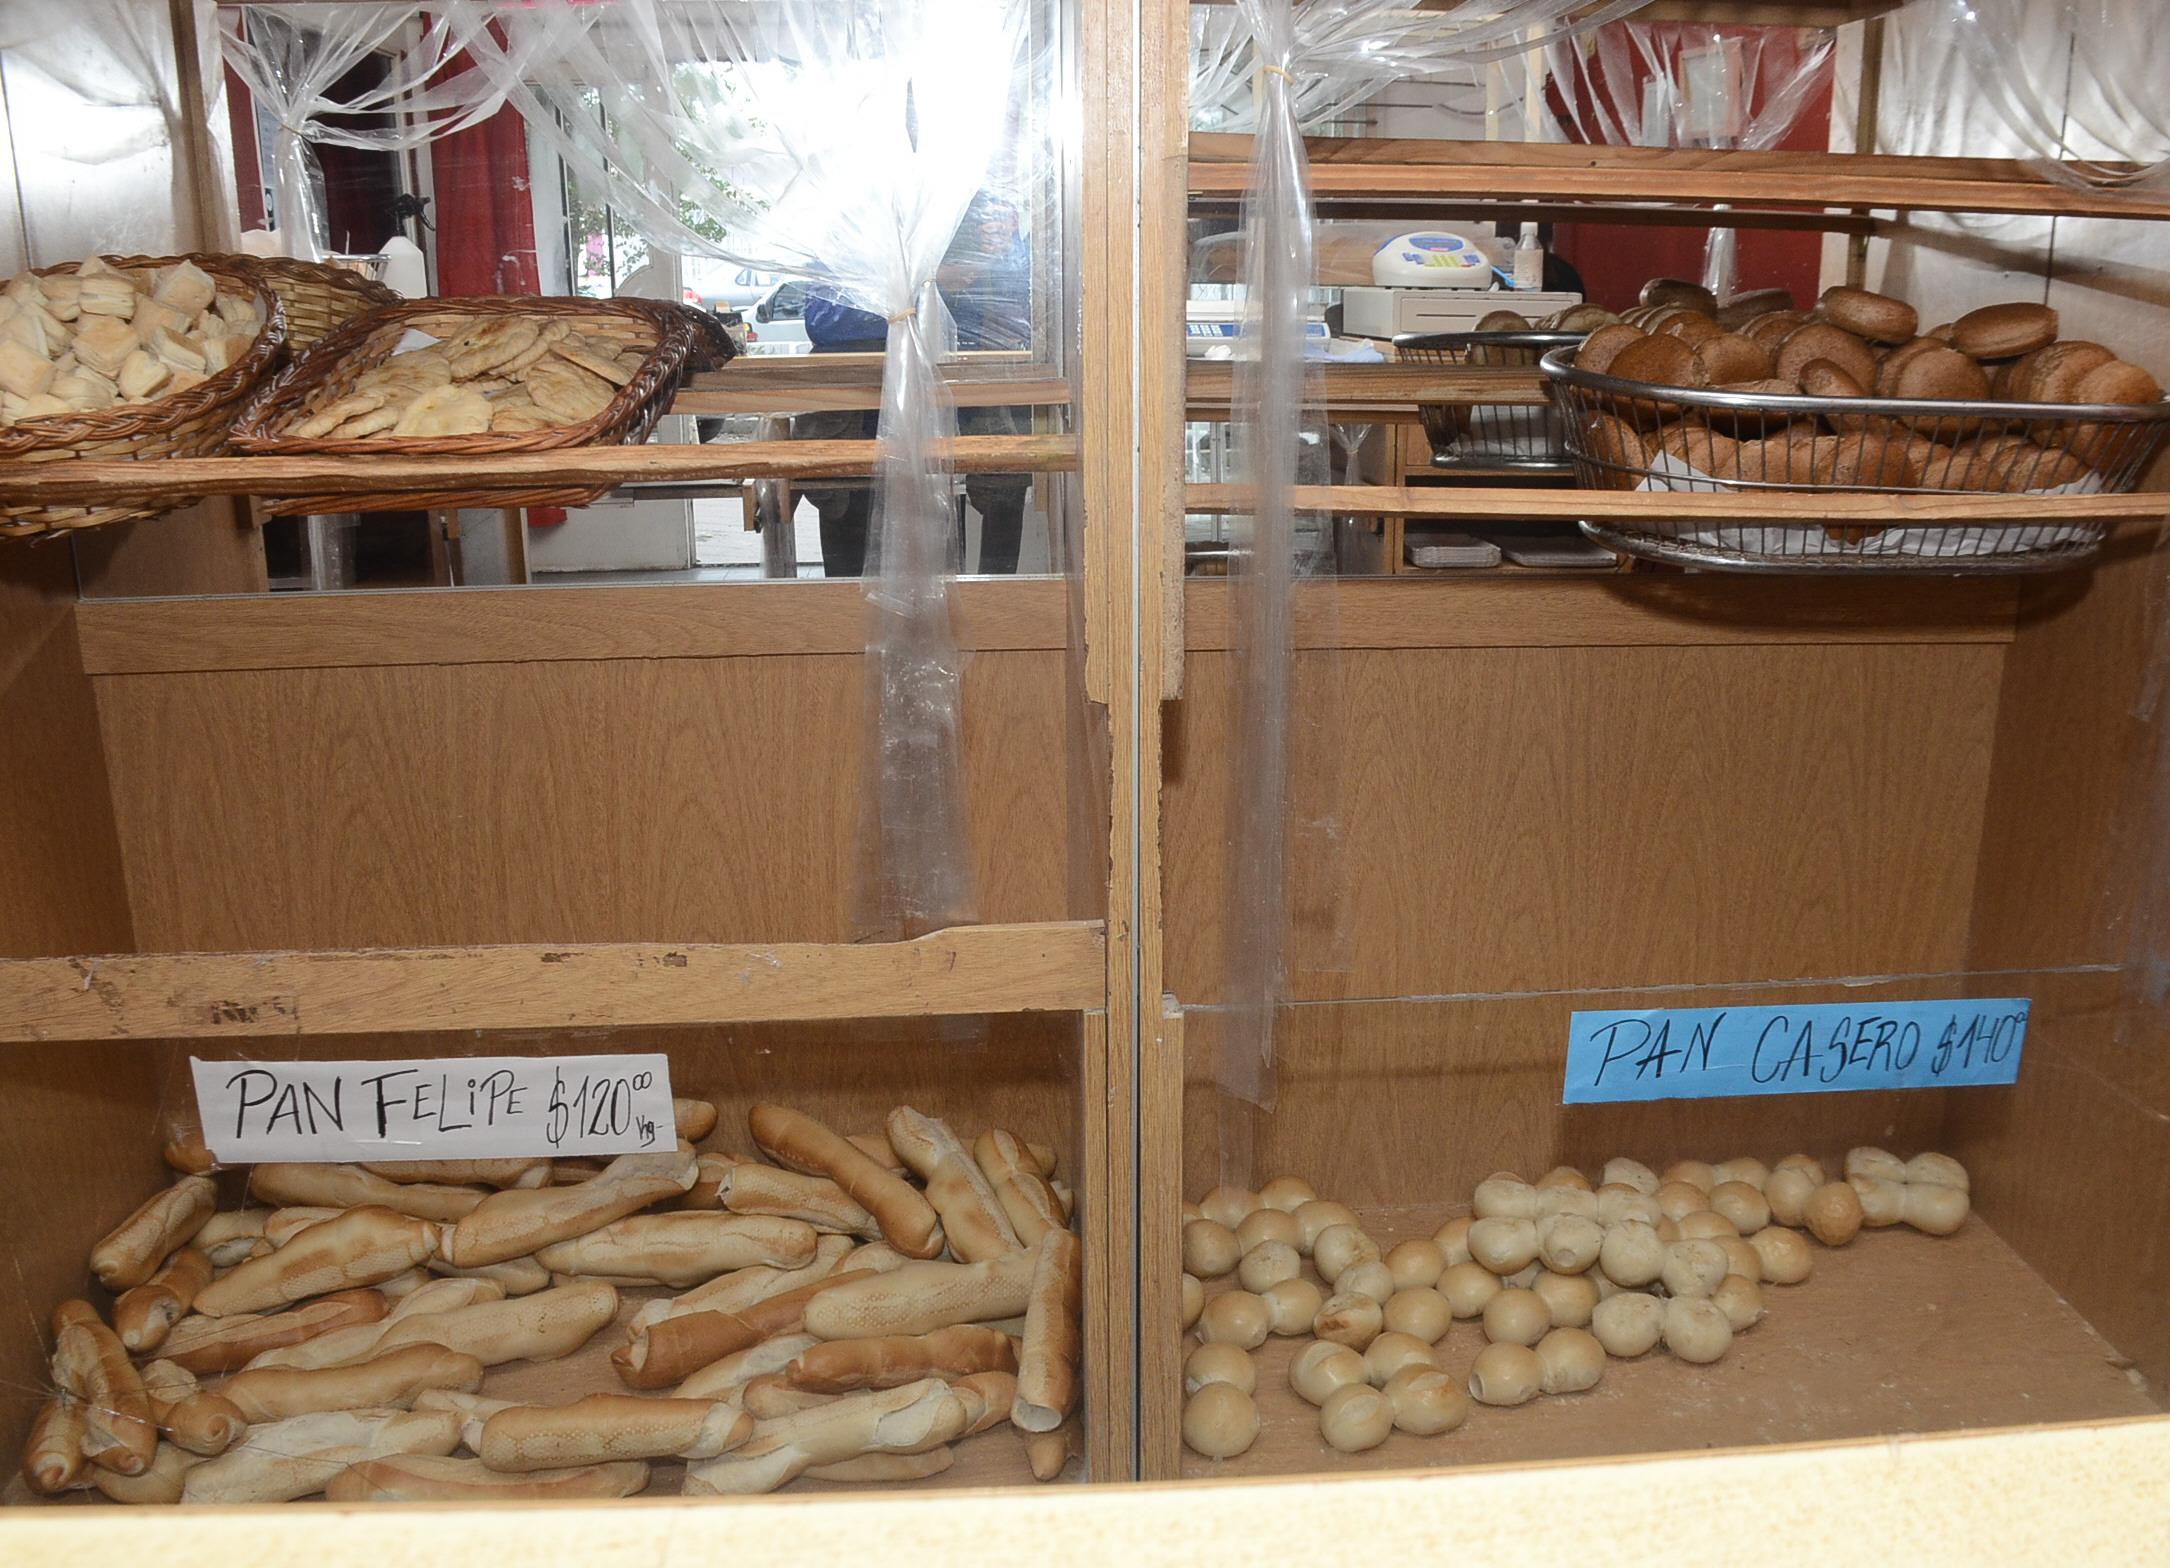 En el barrio Del Carmen hay comercios que ofrecen el kilo de pan a $ 120. Foto: José Silva / La Opinión Austral